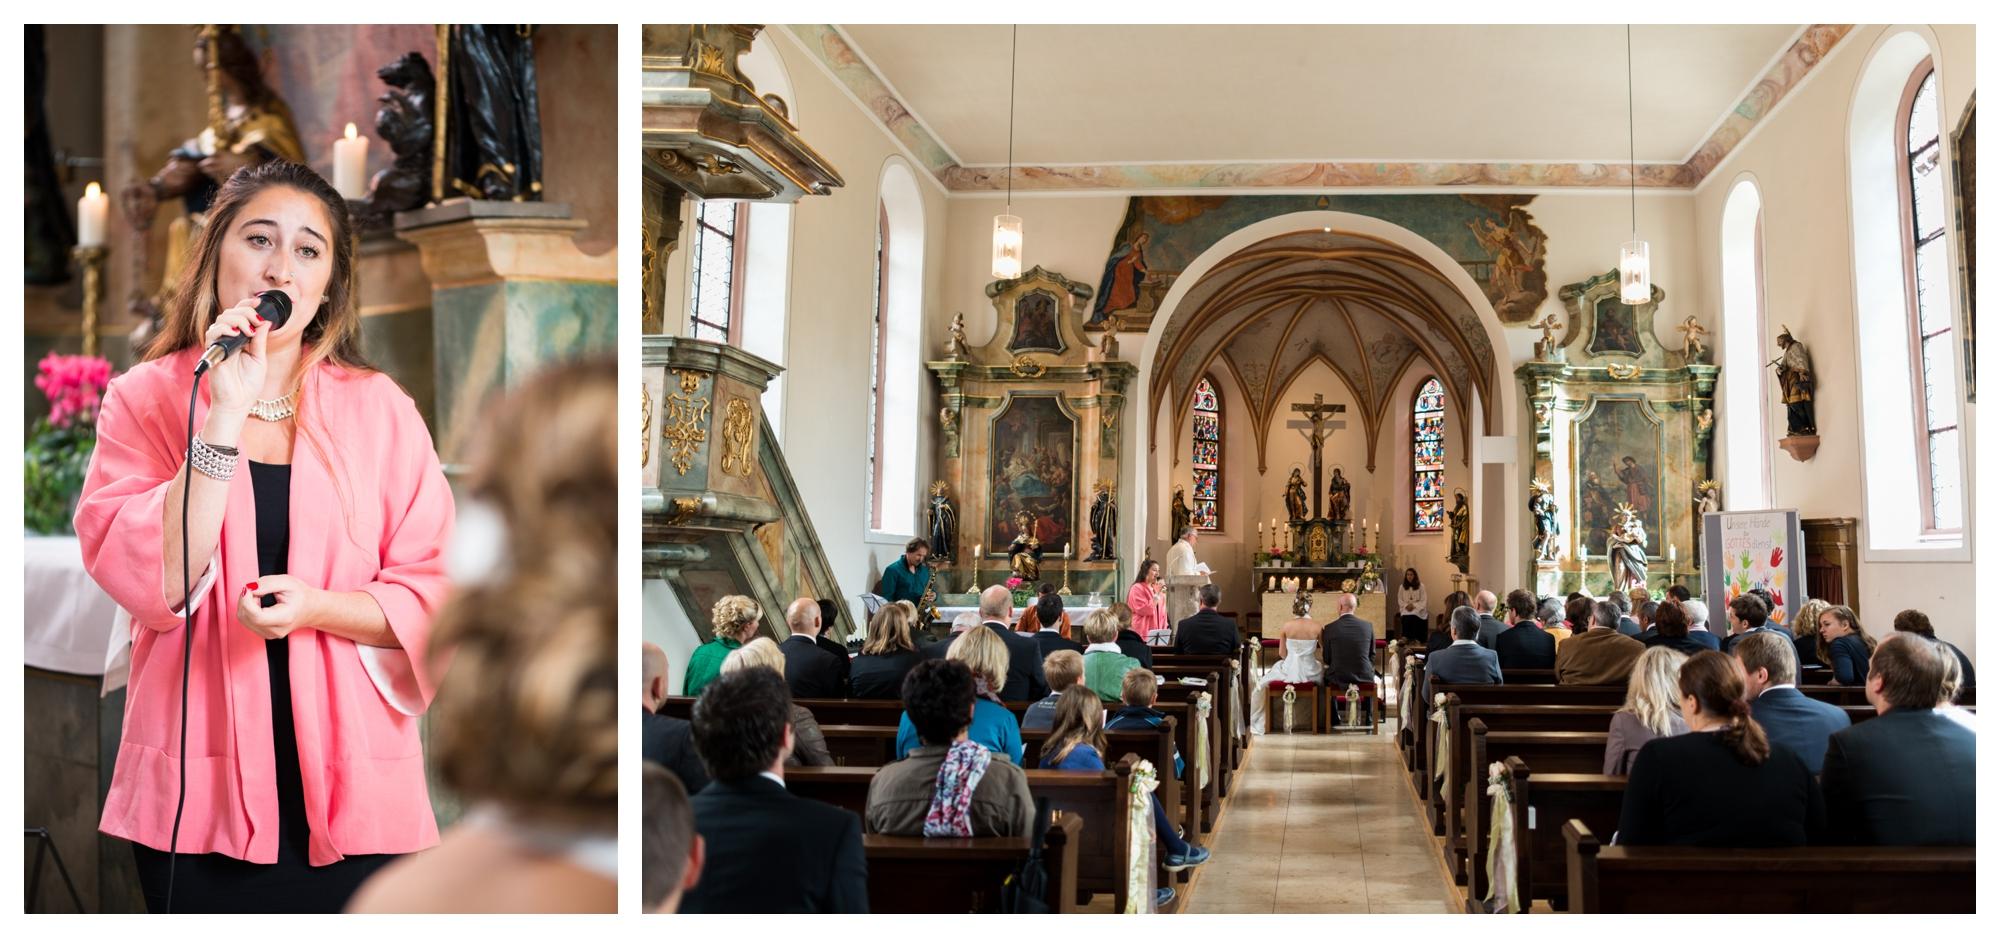 Fotograf Konstanz - 2013 12 09 0016 - Als Hochzeitsfotograf in Bad Dürrheim unterwegs  - 32 -